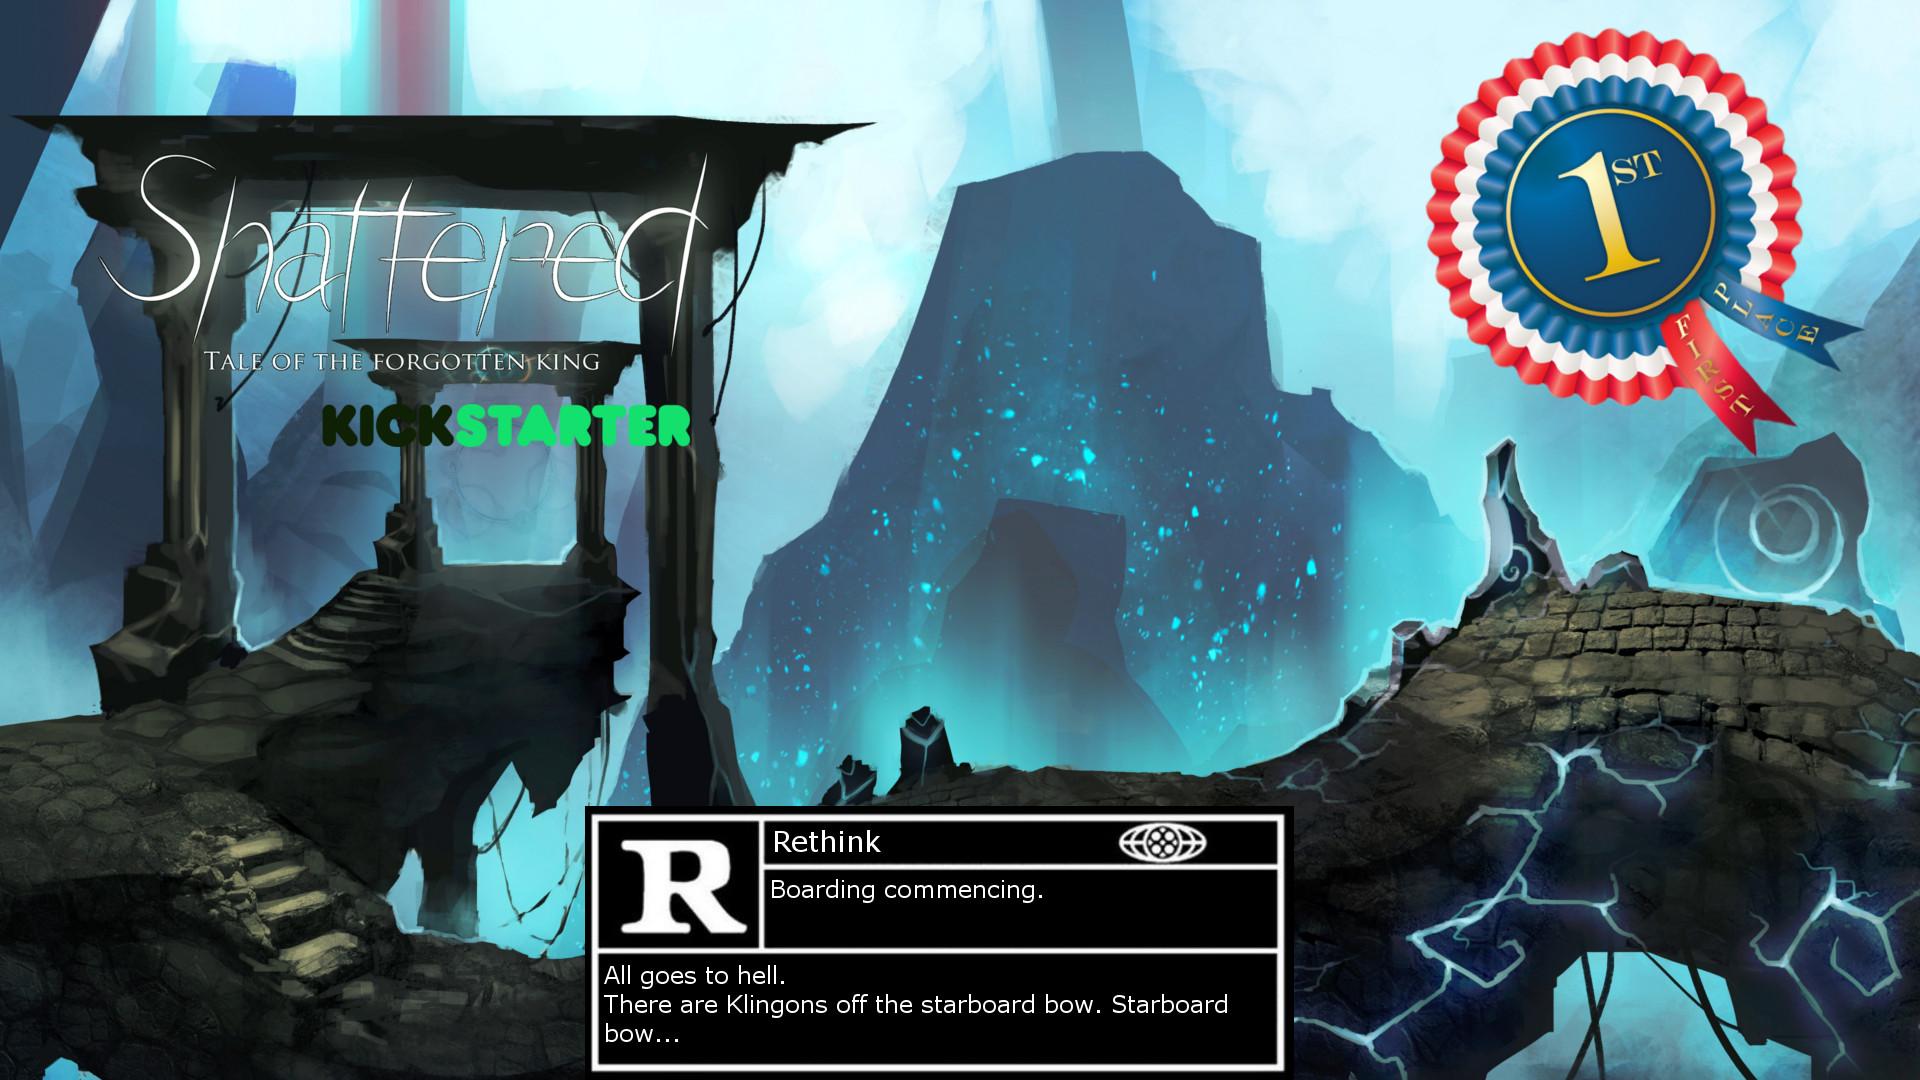 Rated-R – Let's Shatter Kickstarter (048)